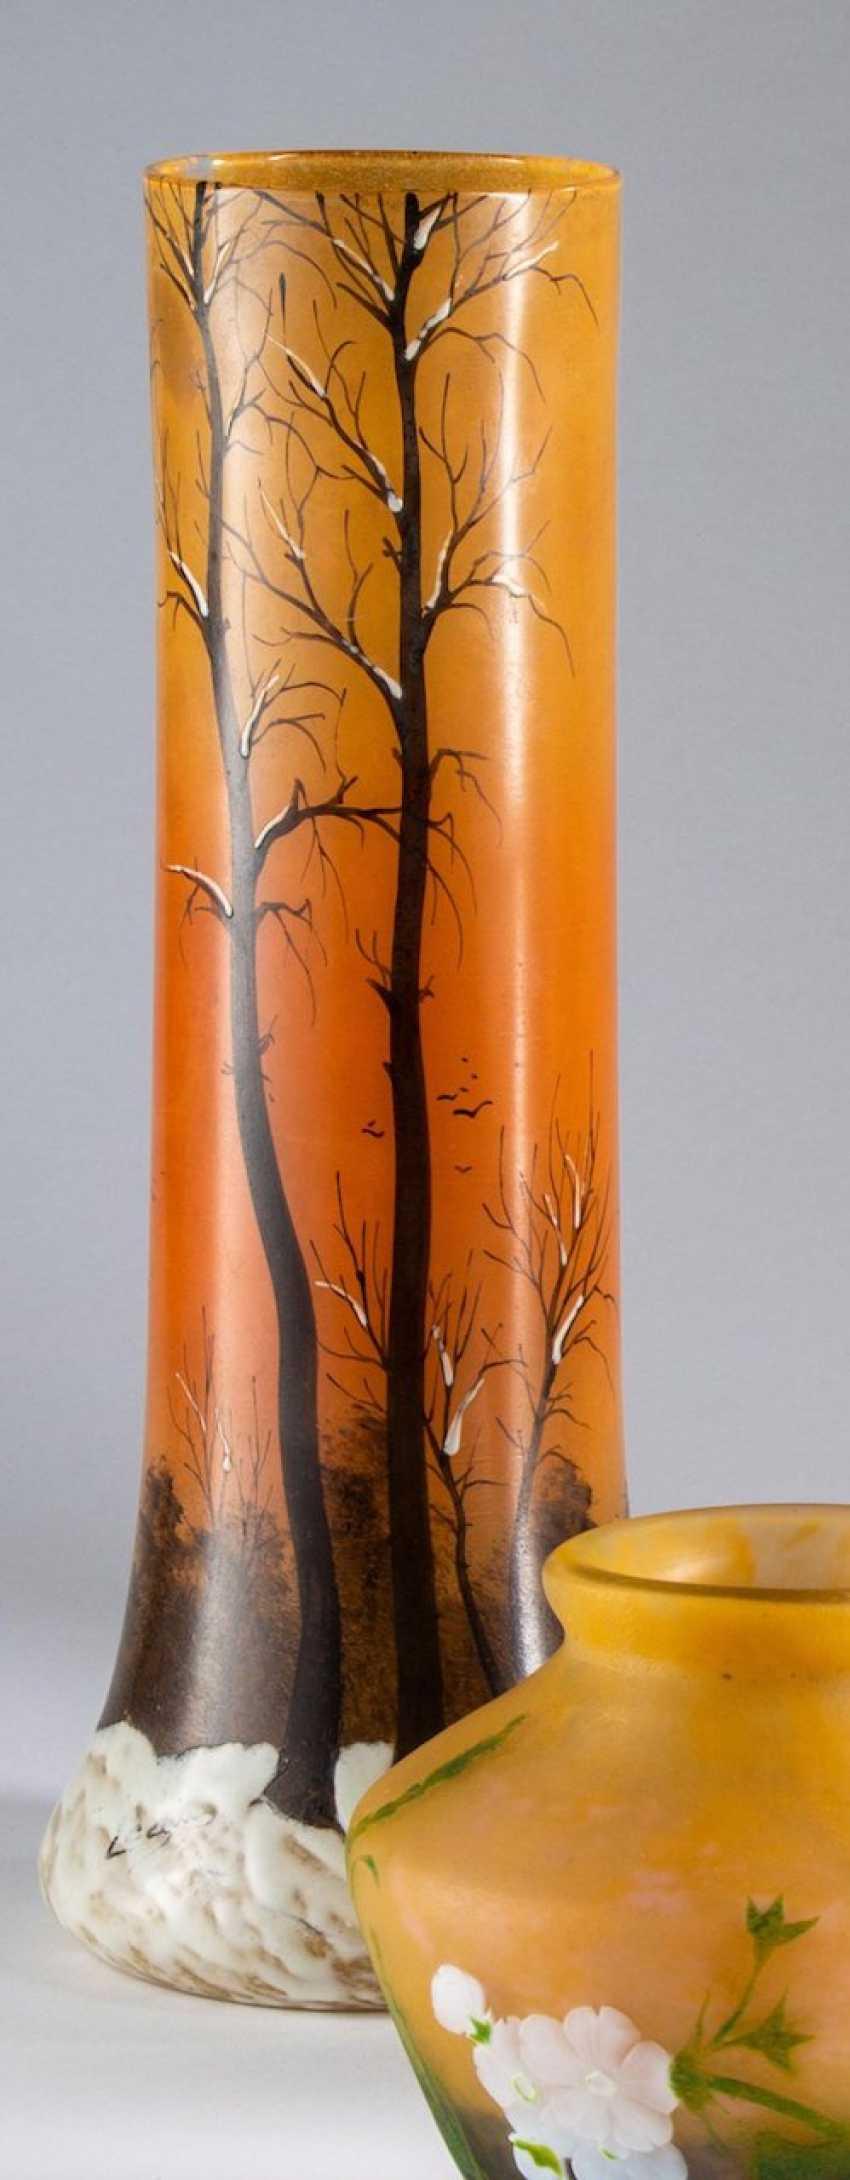 Art Nouveau style vase - photo 1